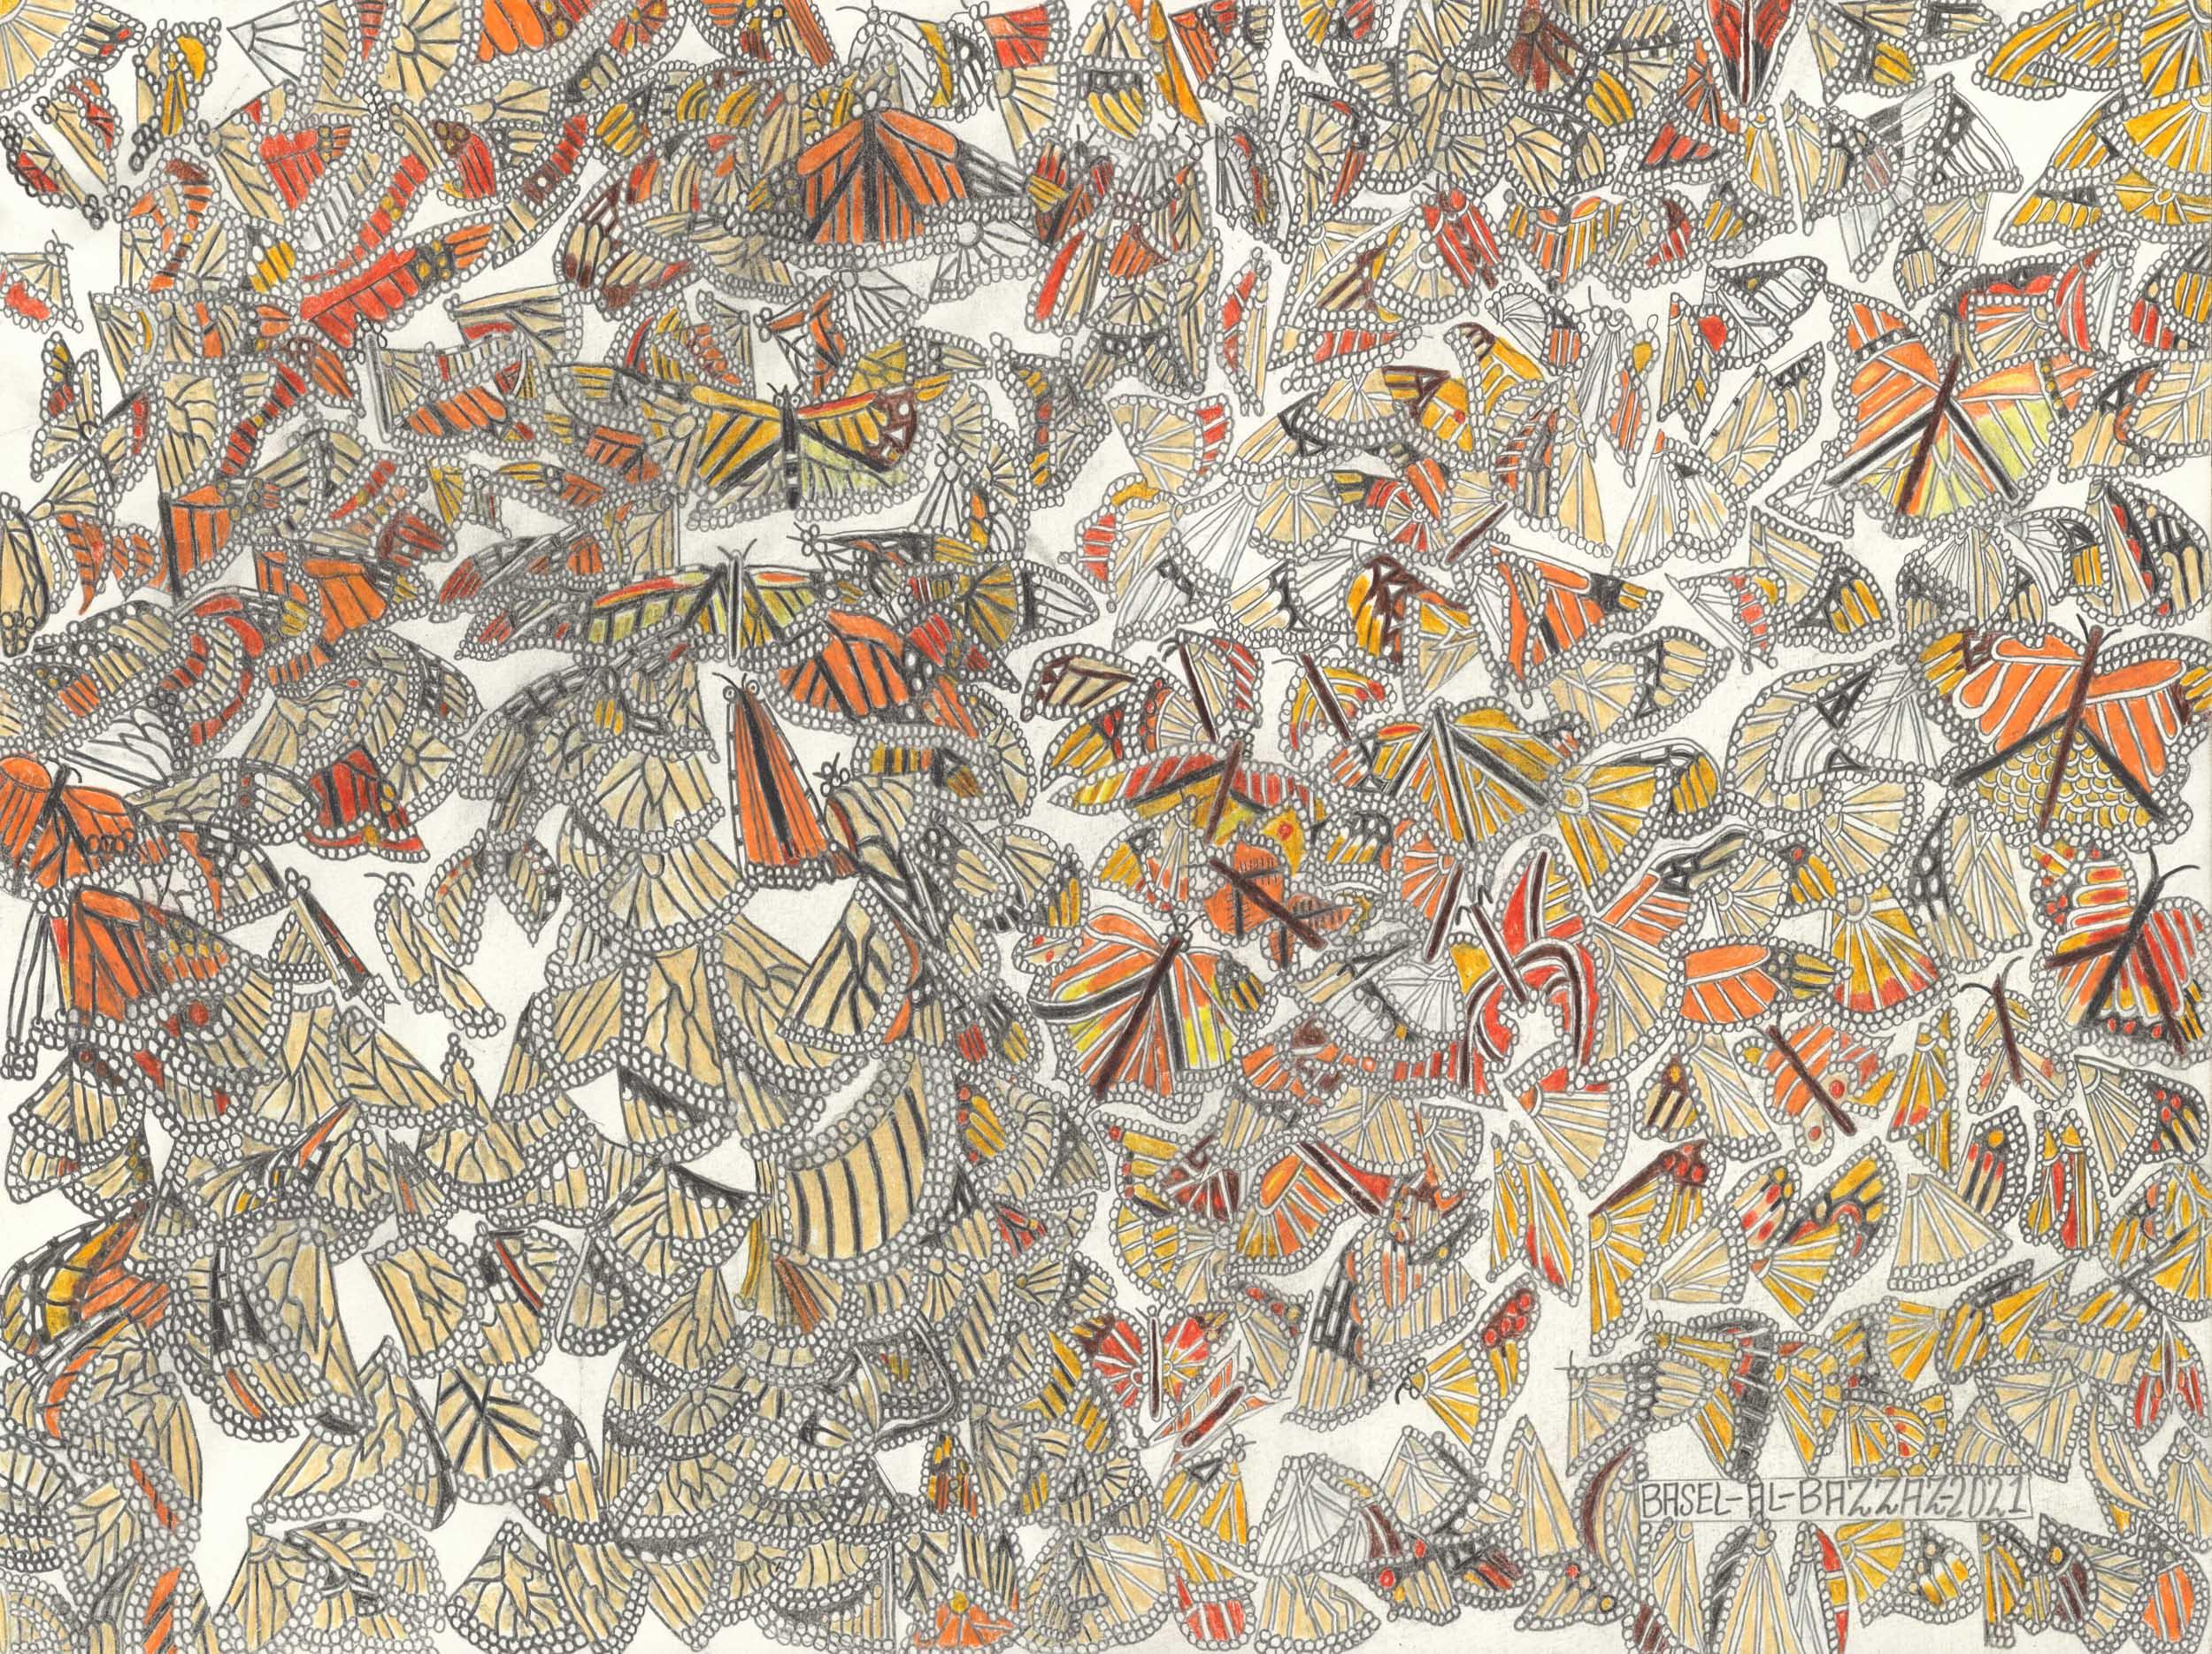 al-bazzaz basel - viele schmetterlinge/many butterflies